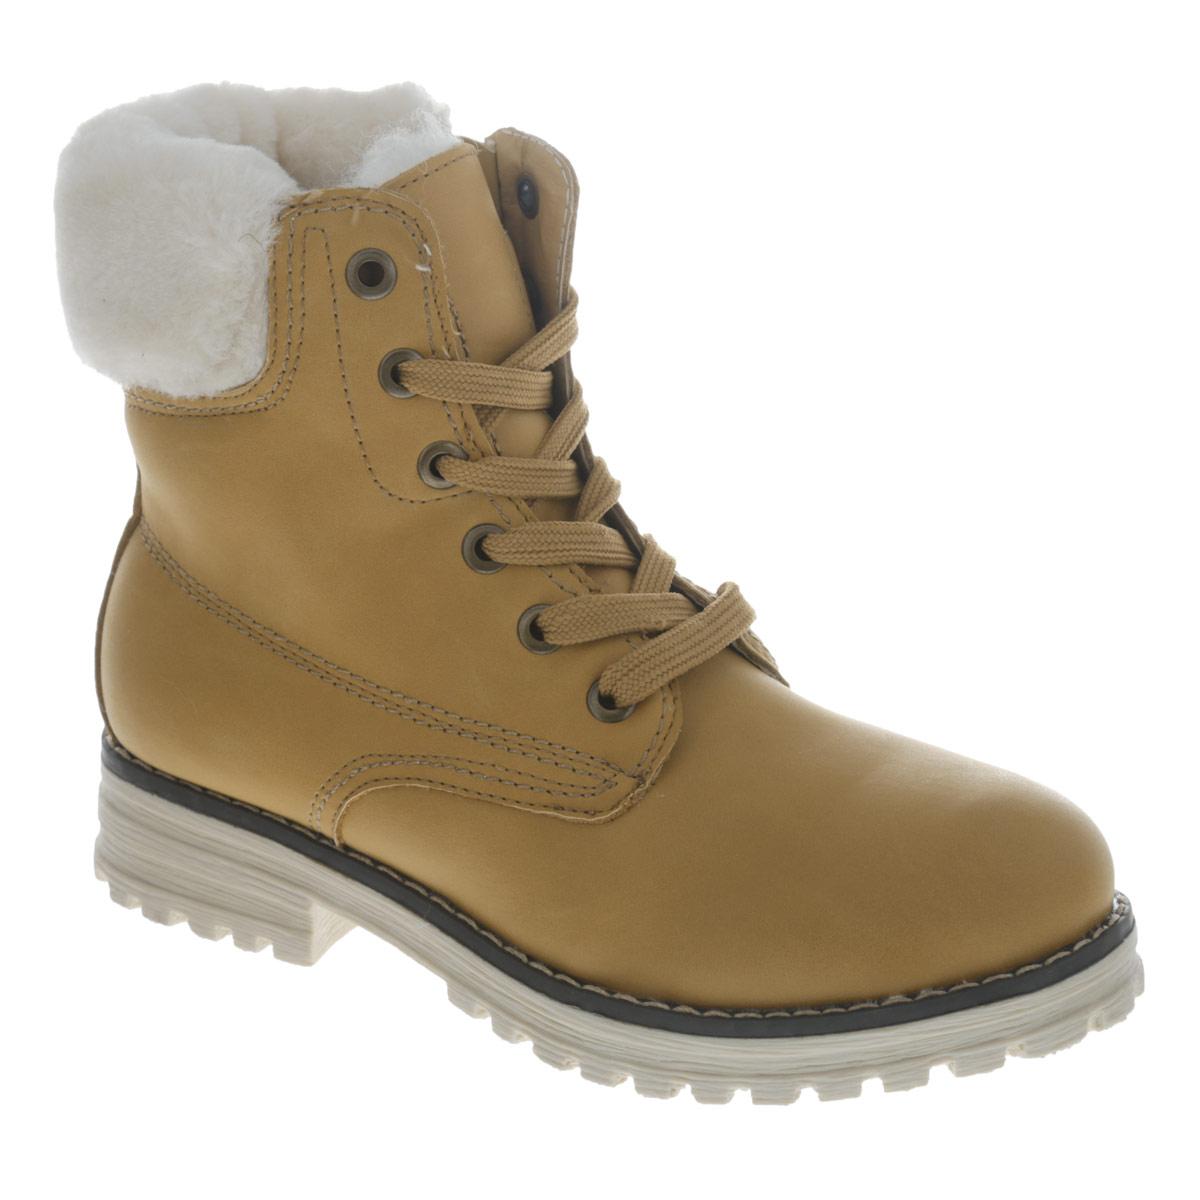 Ботинки для девочки. 558329/12558329/12-03Модные детские ботинки для девочки Keddo выполнены из искусственного нубука (50% хлопок, 50% полиэстер) и оформлены прострочкой, а также опушкой из искусственного меха. Ботинки на устойчивом небольшом каблуке с округлым мыском внутри выполнены из натуральной шерсти. Съемная стелька также выполнена из натуральной шерсти. Высокая прошитая подошва изготовлена из гибкого, нескользящего материала, устойчивого к истиранию и перепадам температур. Шнуровка и боковая застежка-молния позволяют модели отлично сидеть на ноге. Детские ботинки Keddo отличаются удобством.